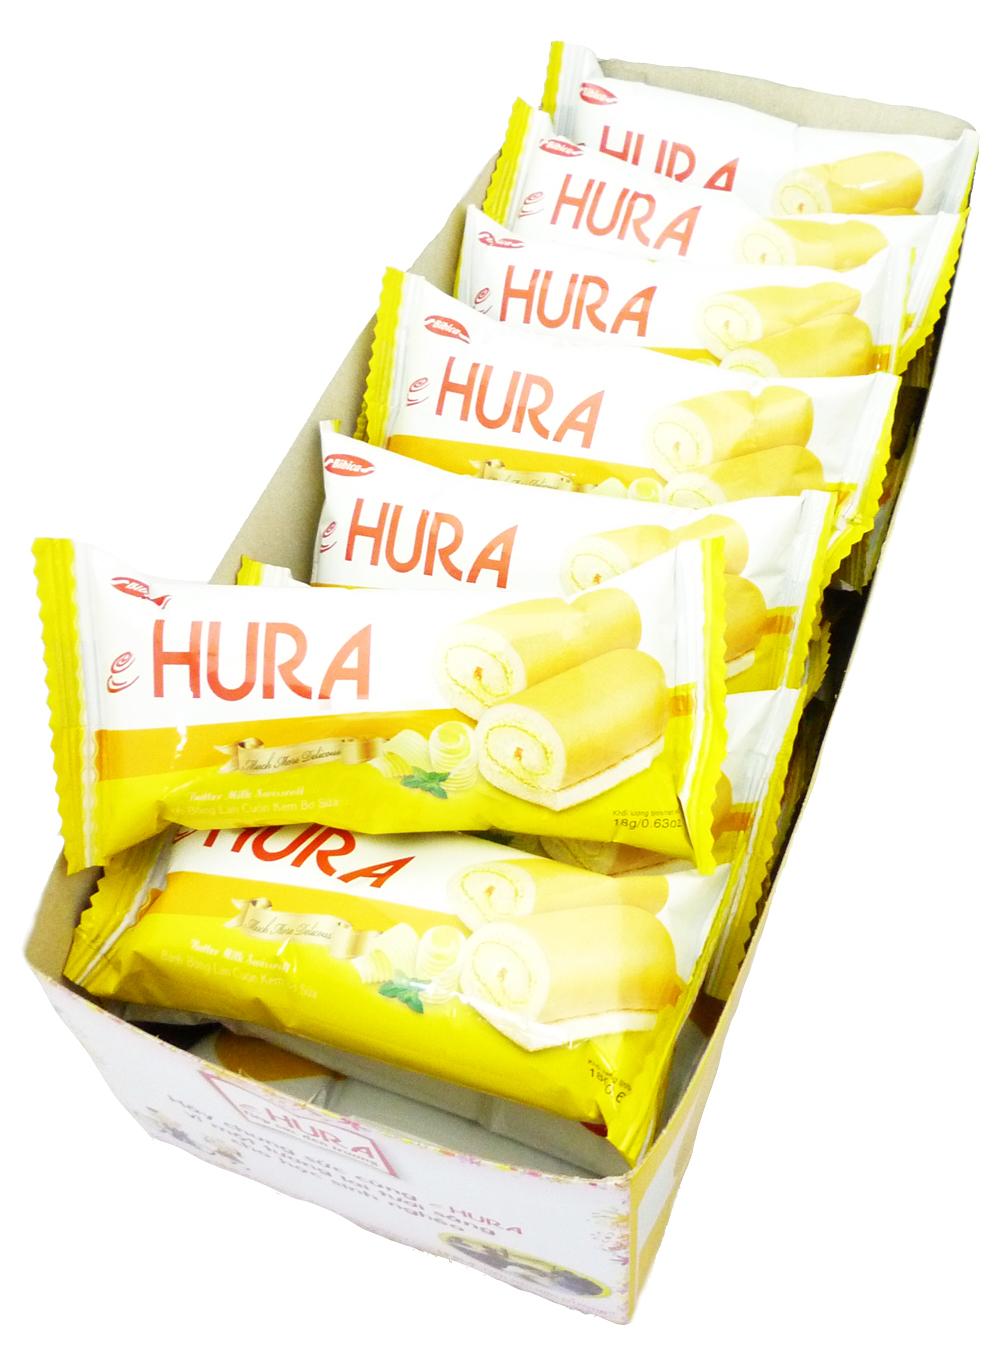 HURA 迷你瑞士捲(鮮奶油味) 360g整盒 (經常沒貨請先來信詢問)